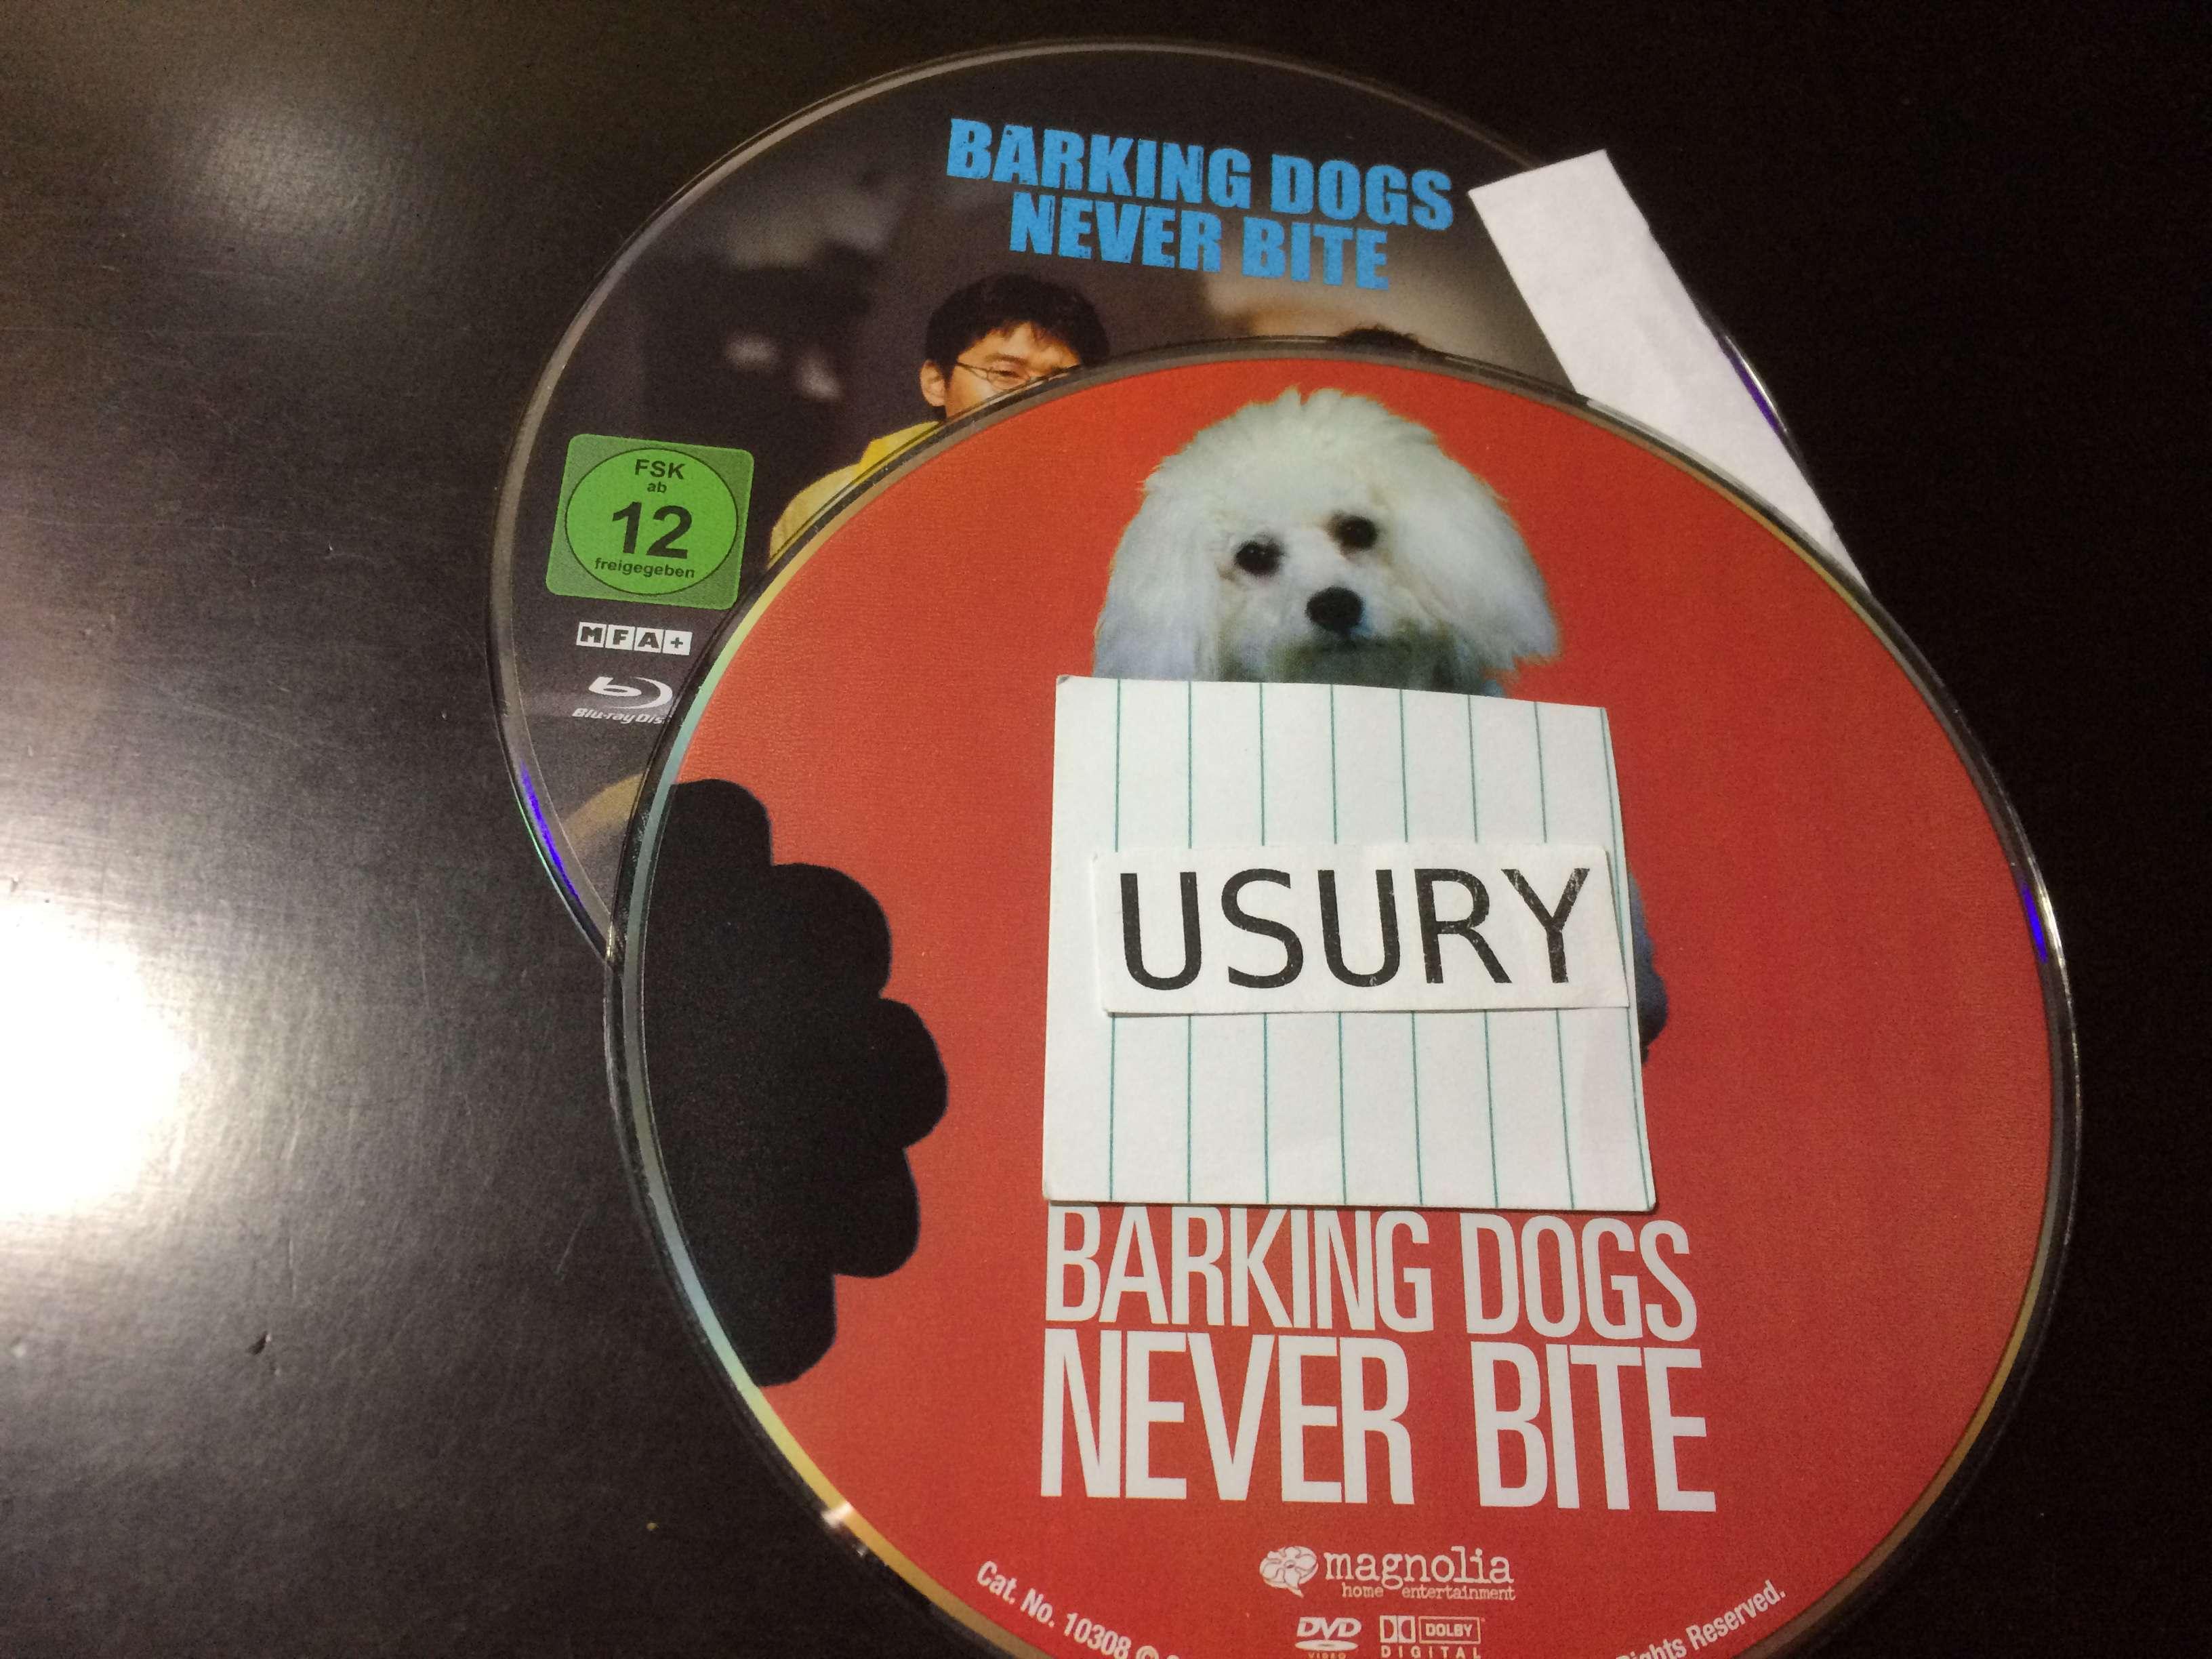 Barking Dogs Never Bite 2000 1080p BluRay x264-USURY